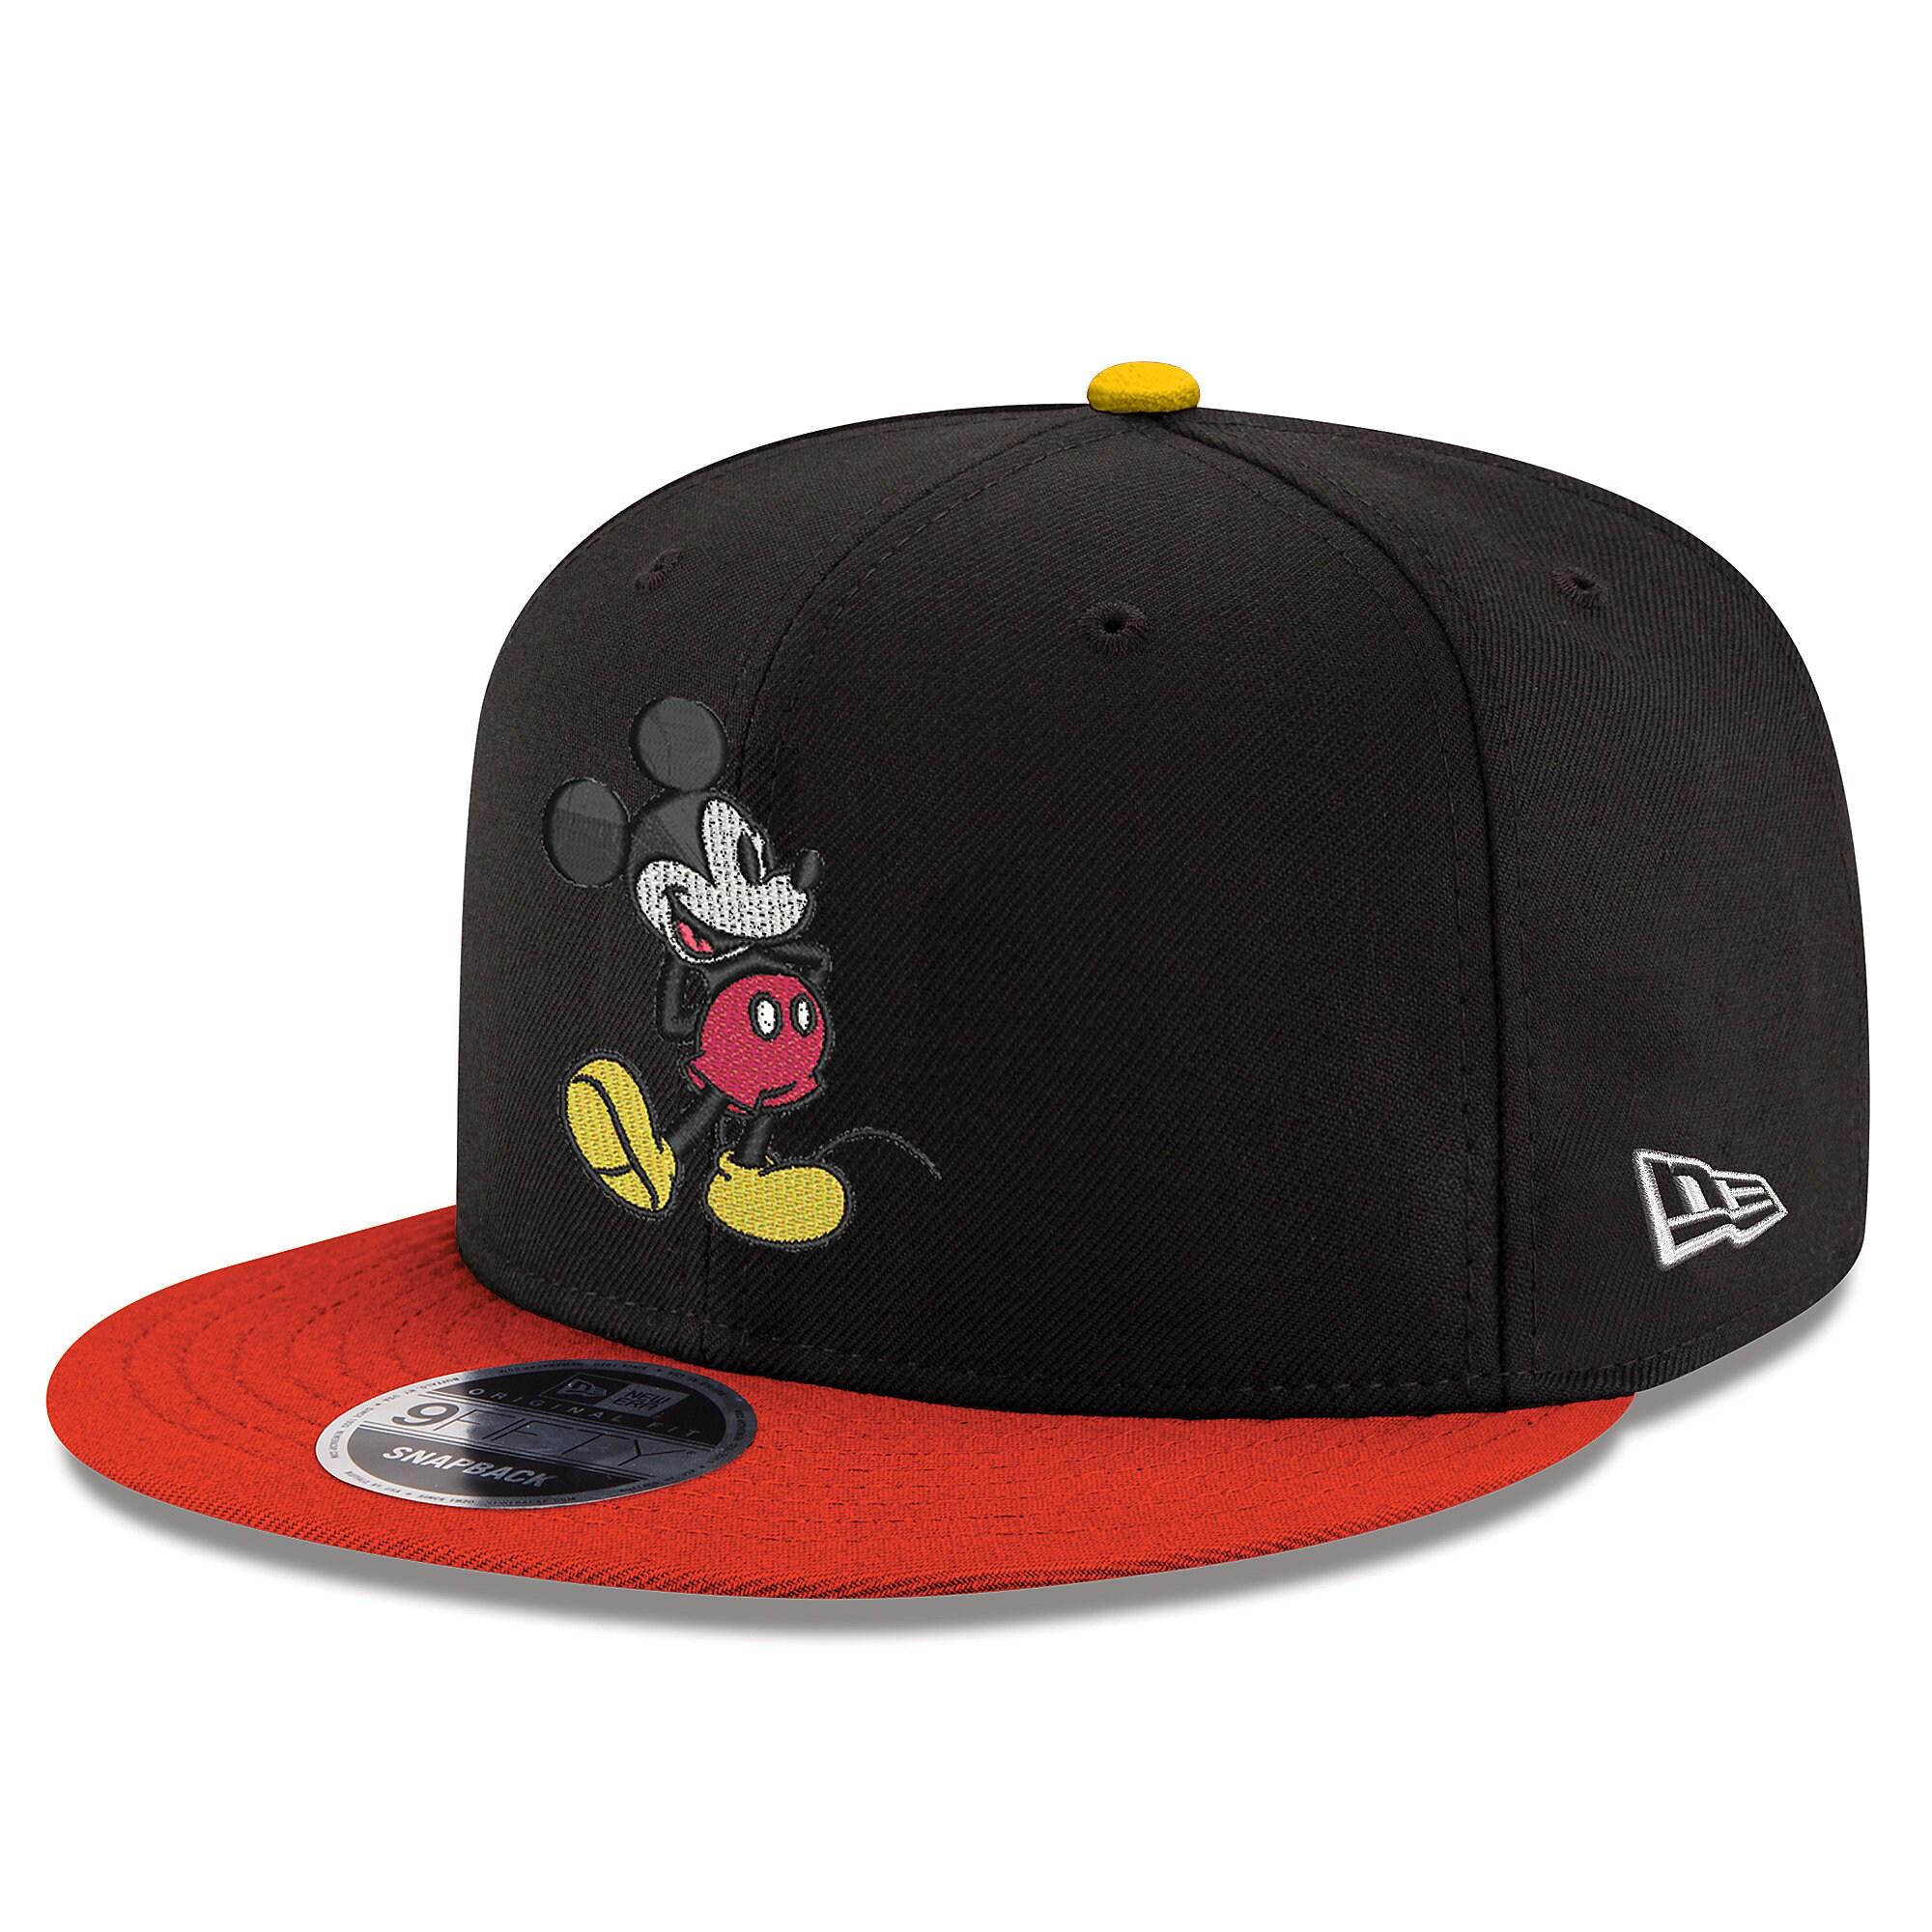 63b765f901e Mickey Mouse Signature Snapback Hat - New Era - Adults